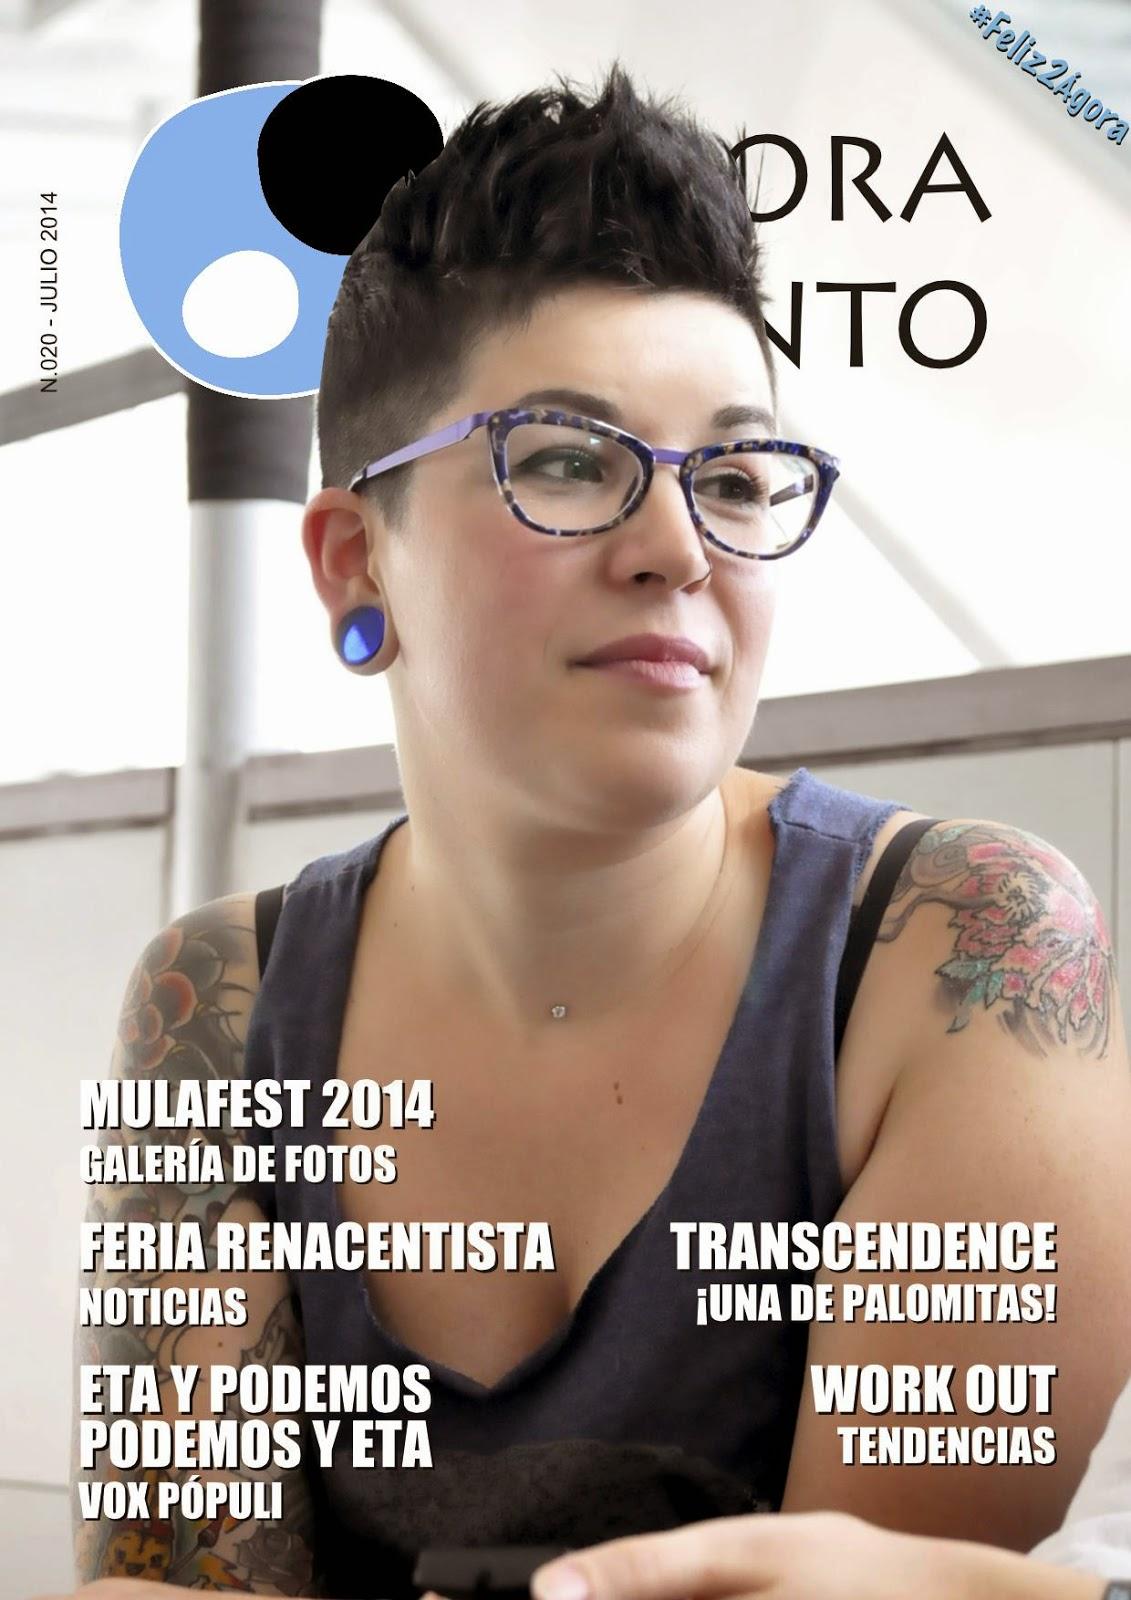 http://issuu.com/agora-pinto/docs/020